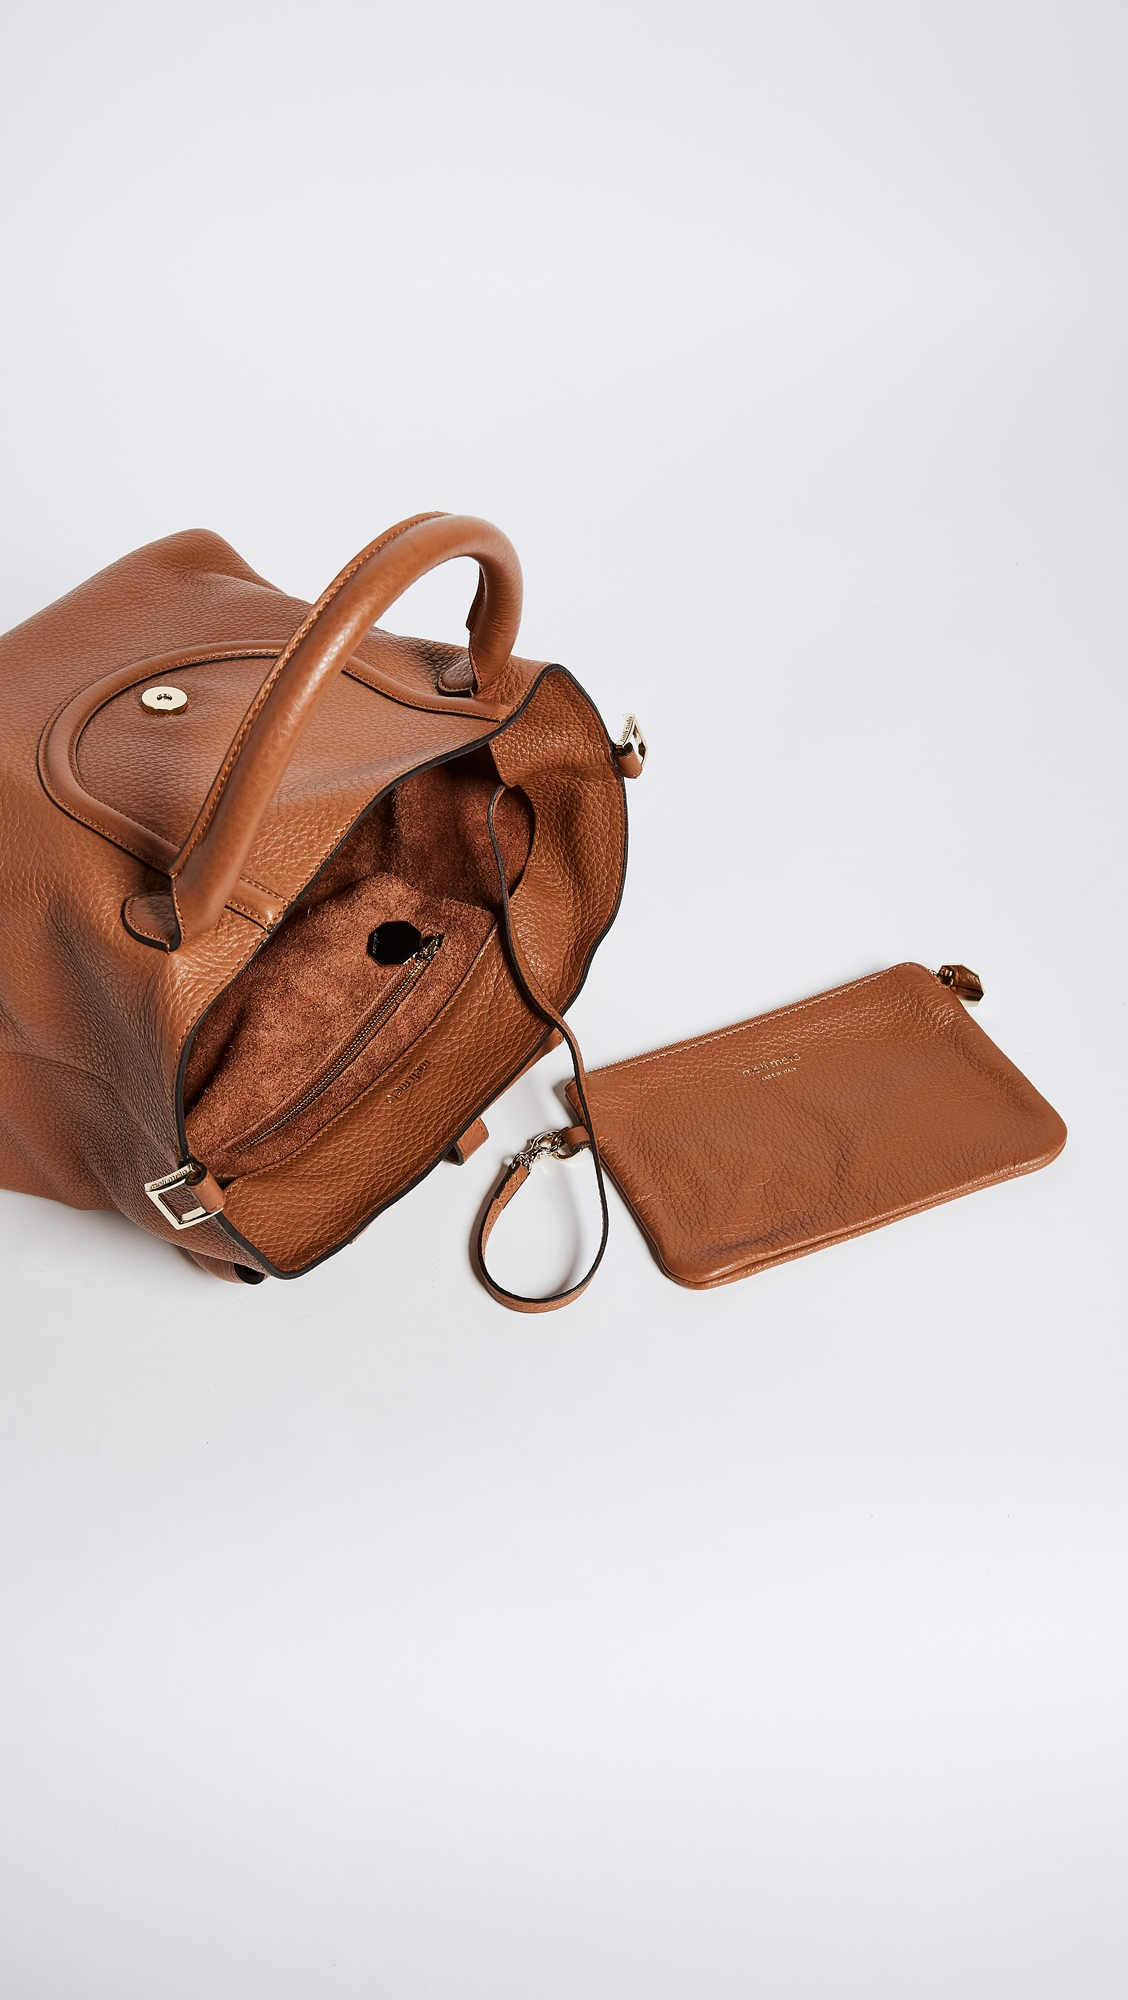 Классическая сумка Thela Halo среднего размера meli melo  (MEMEL3009011841314)